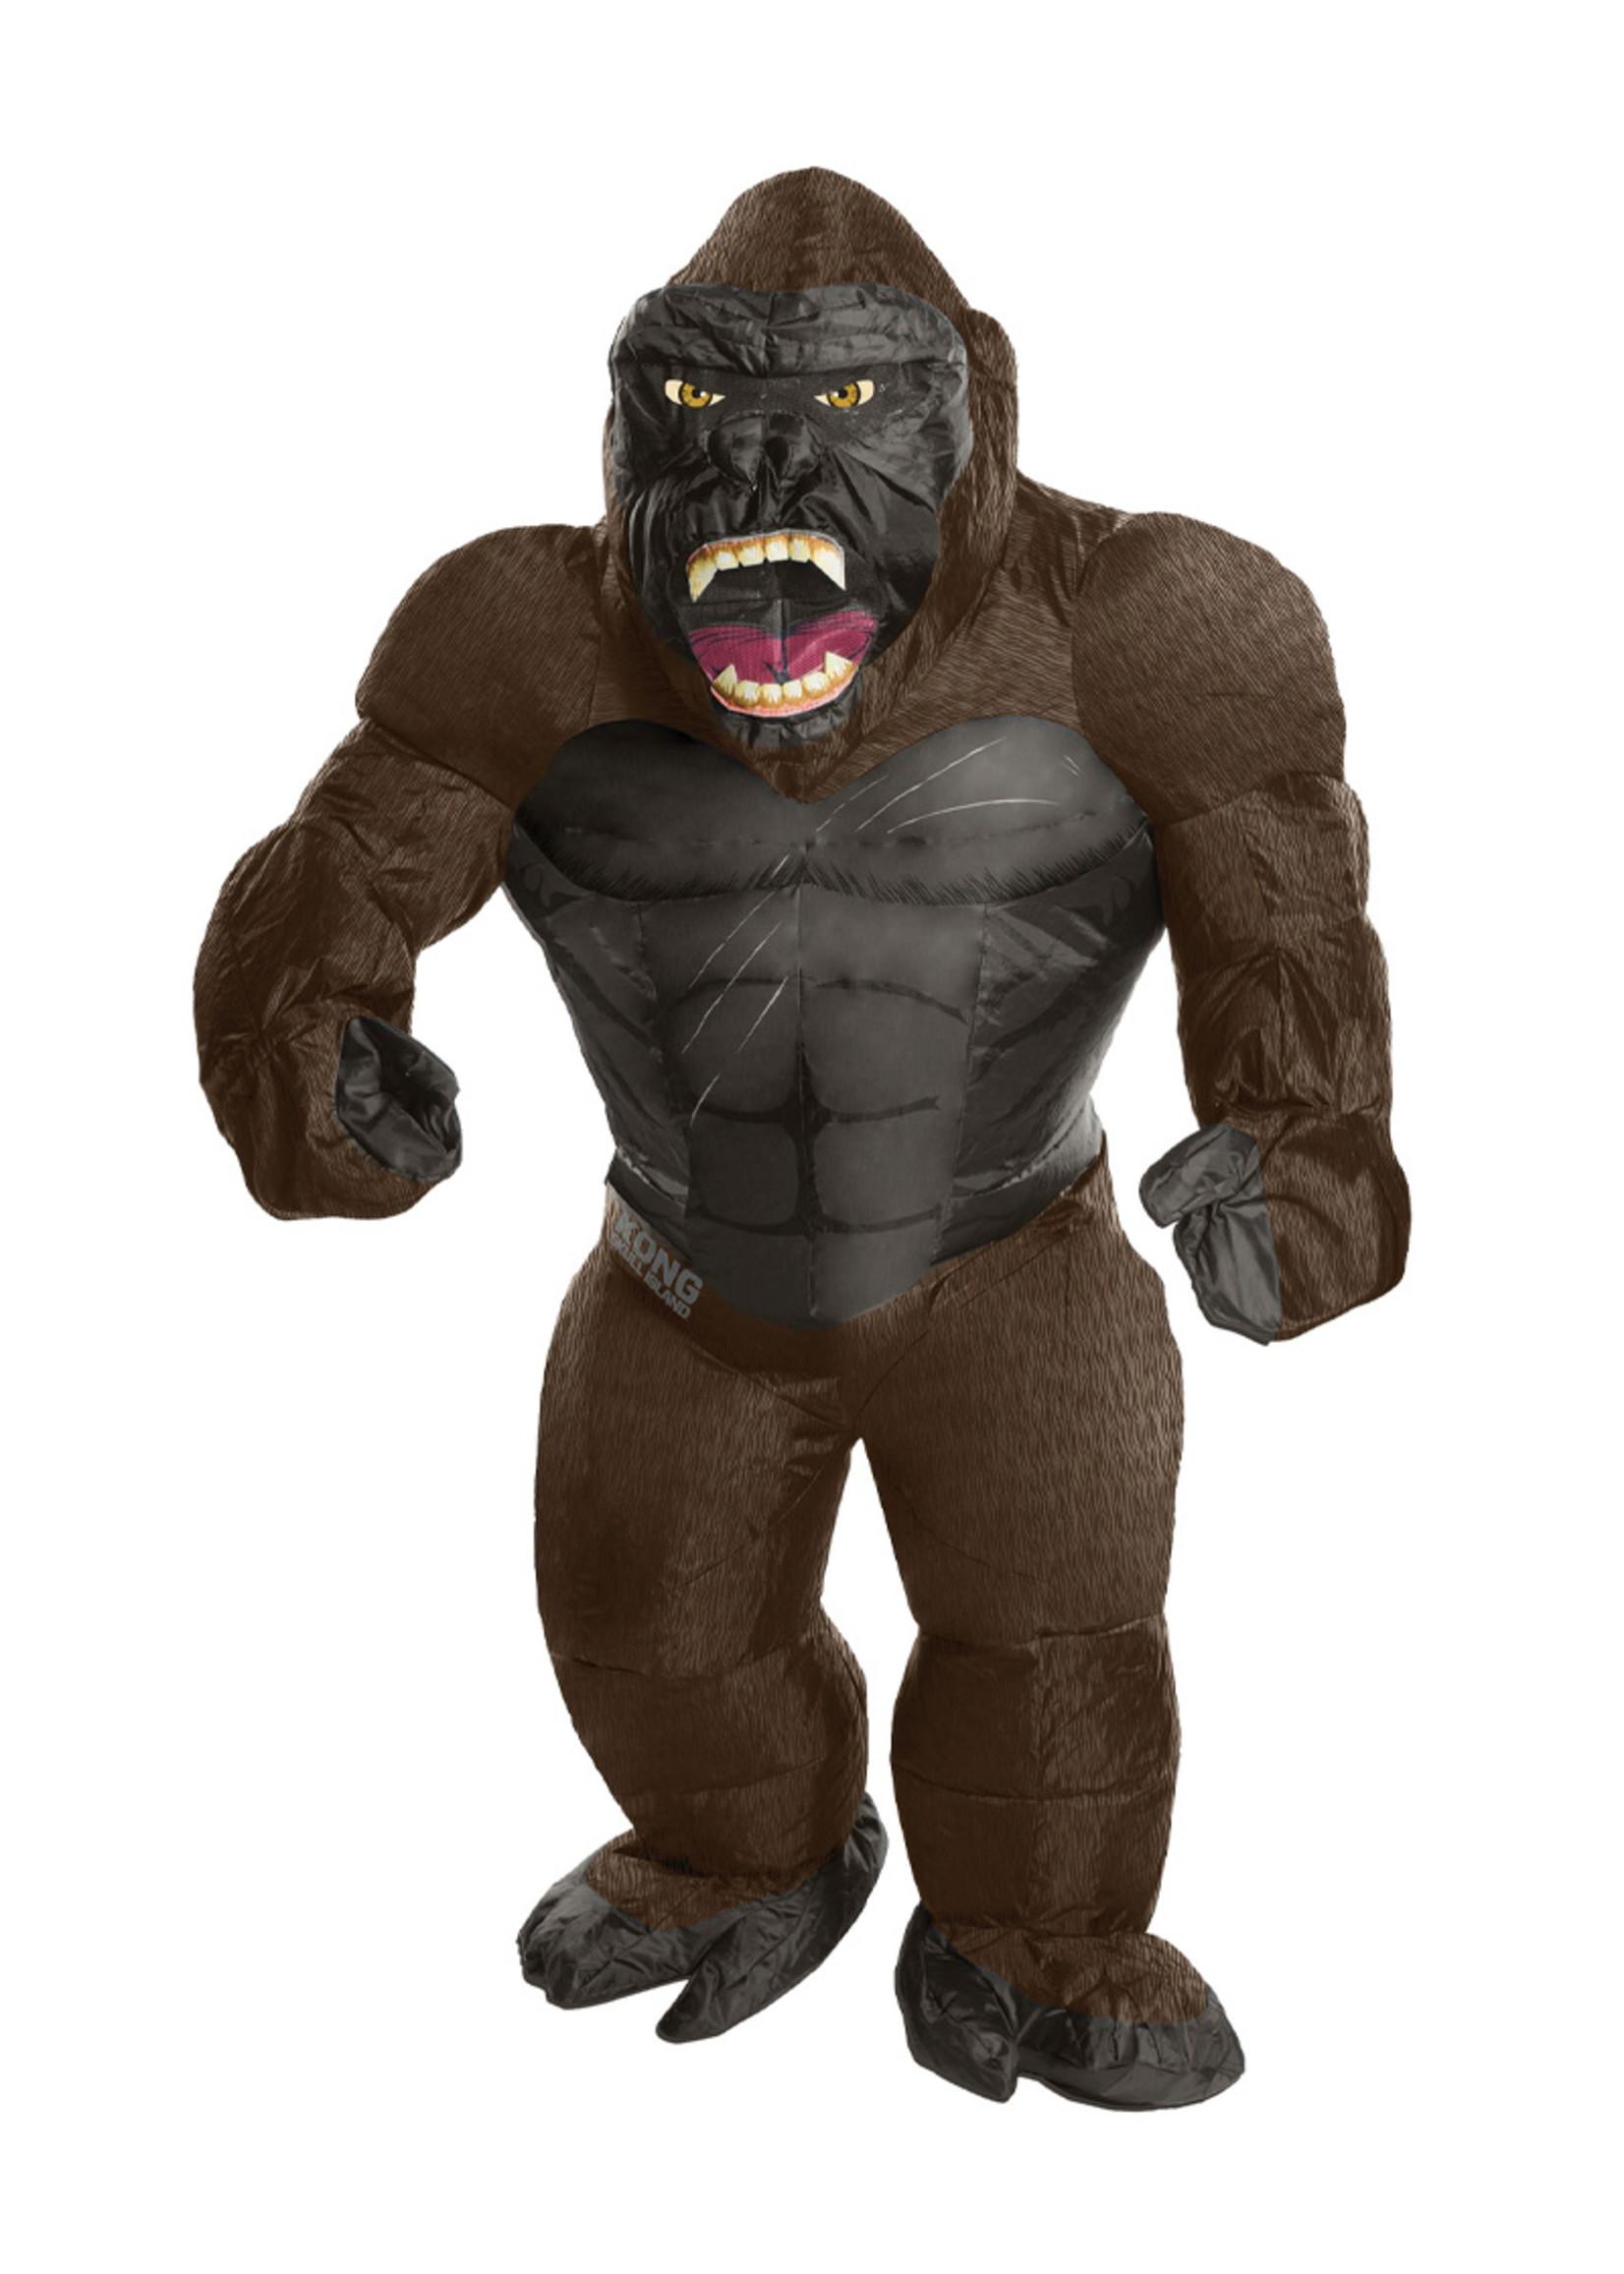 Inflatable King Kong Costume - Boys